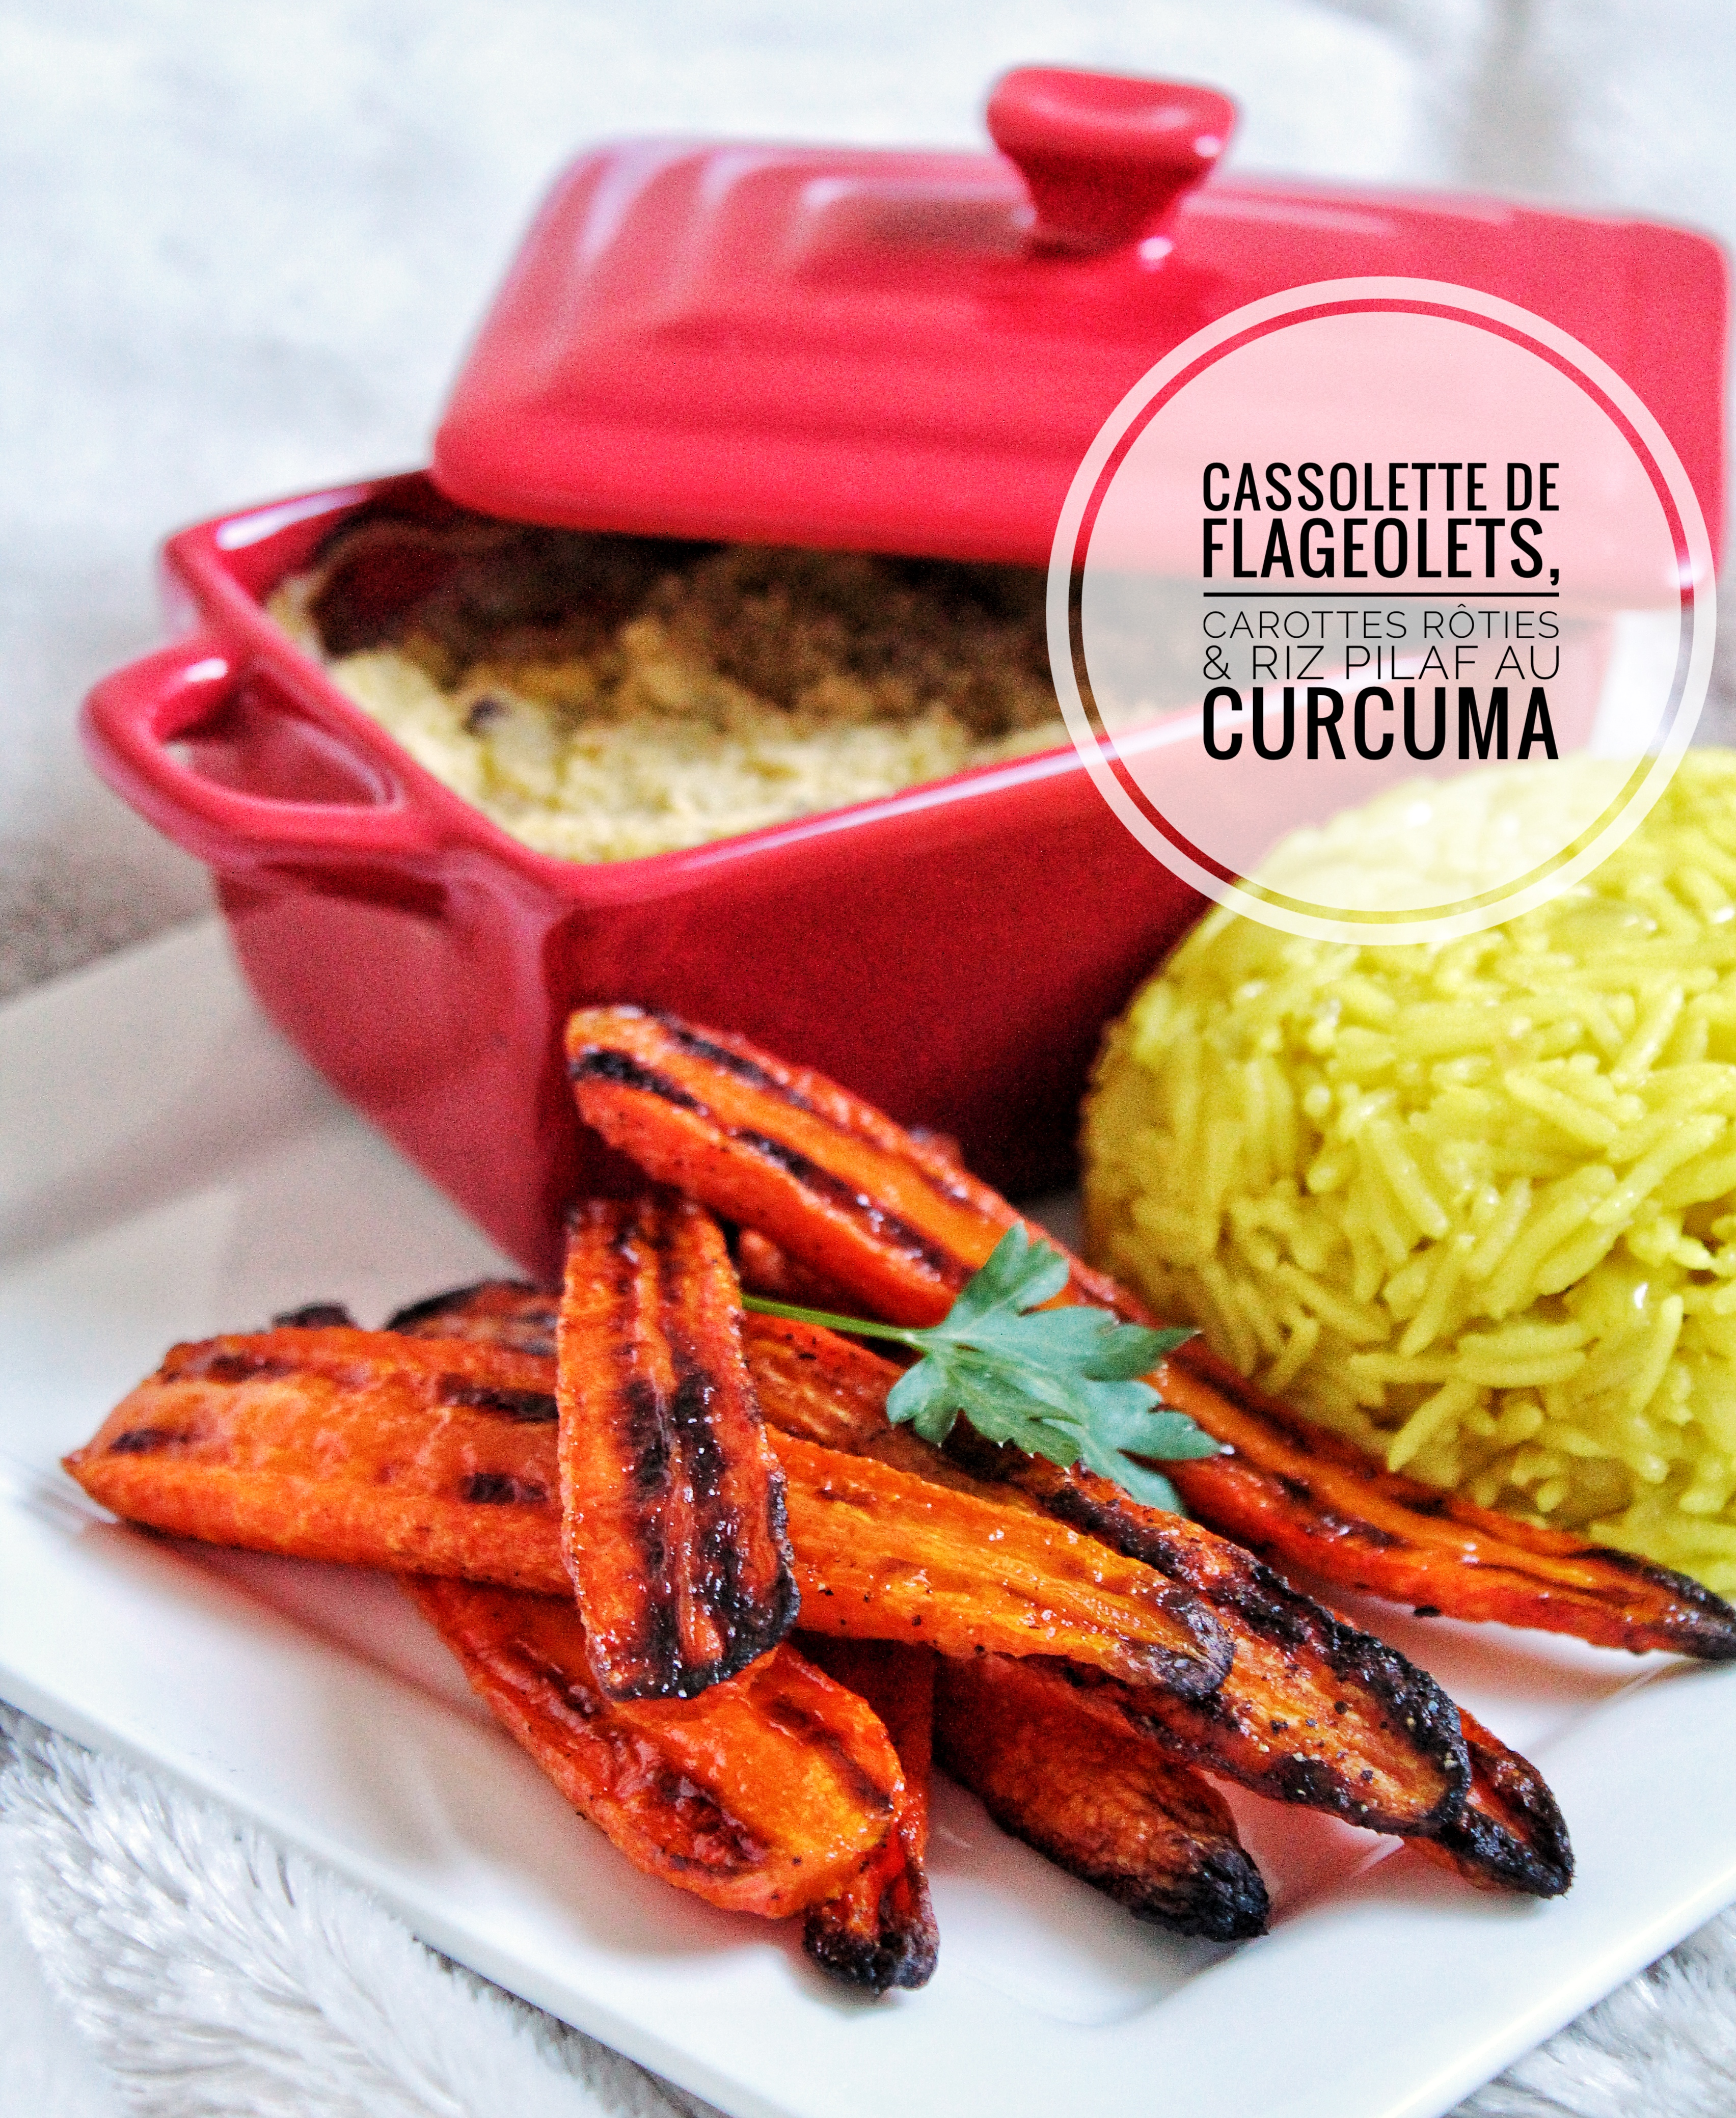 Cassolette de flageolets, carottes rôties & riz pilaf au curcuma vegan, sans gluten, végétarien, sans lactose